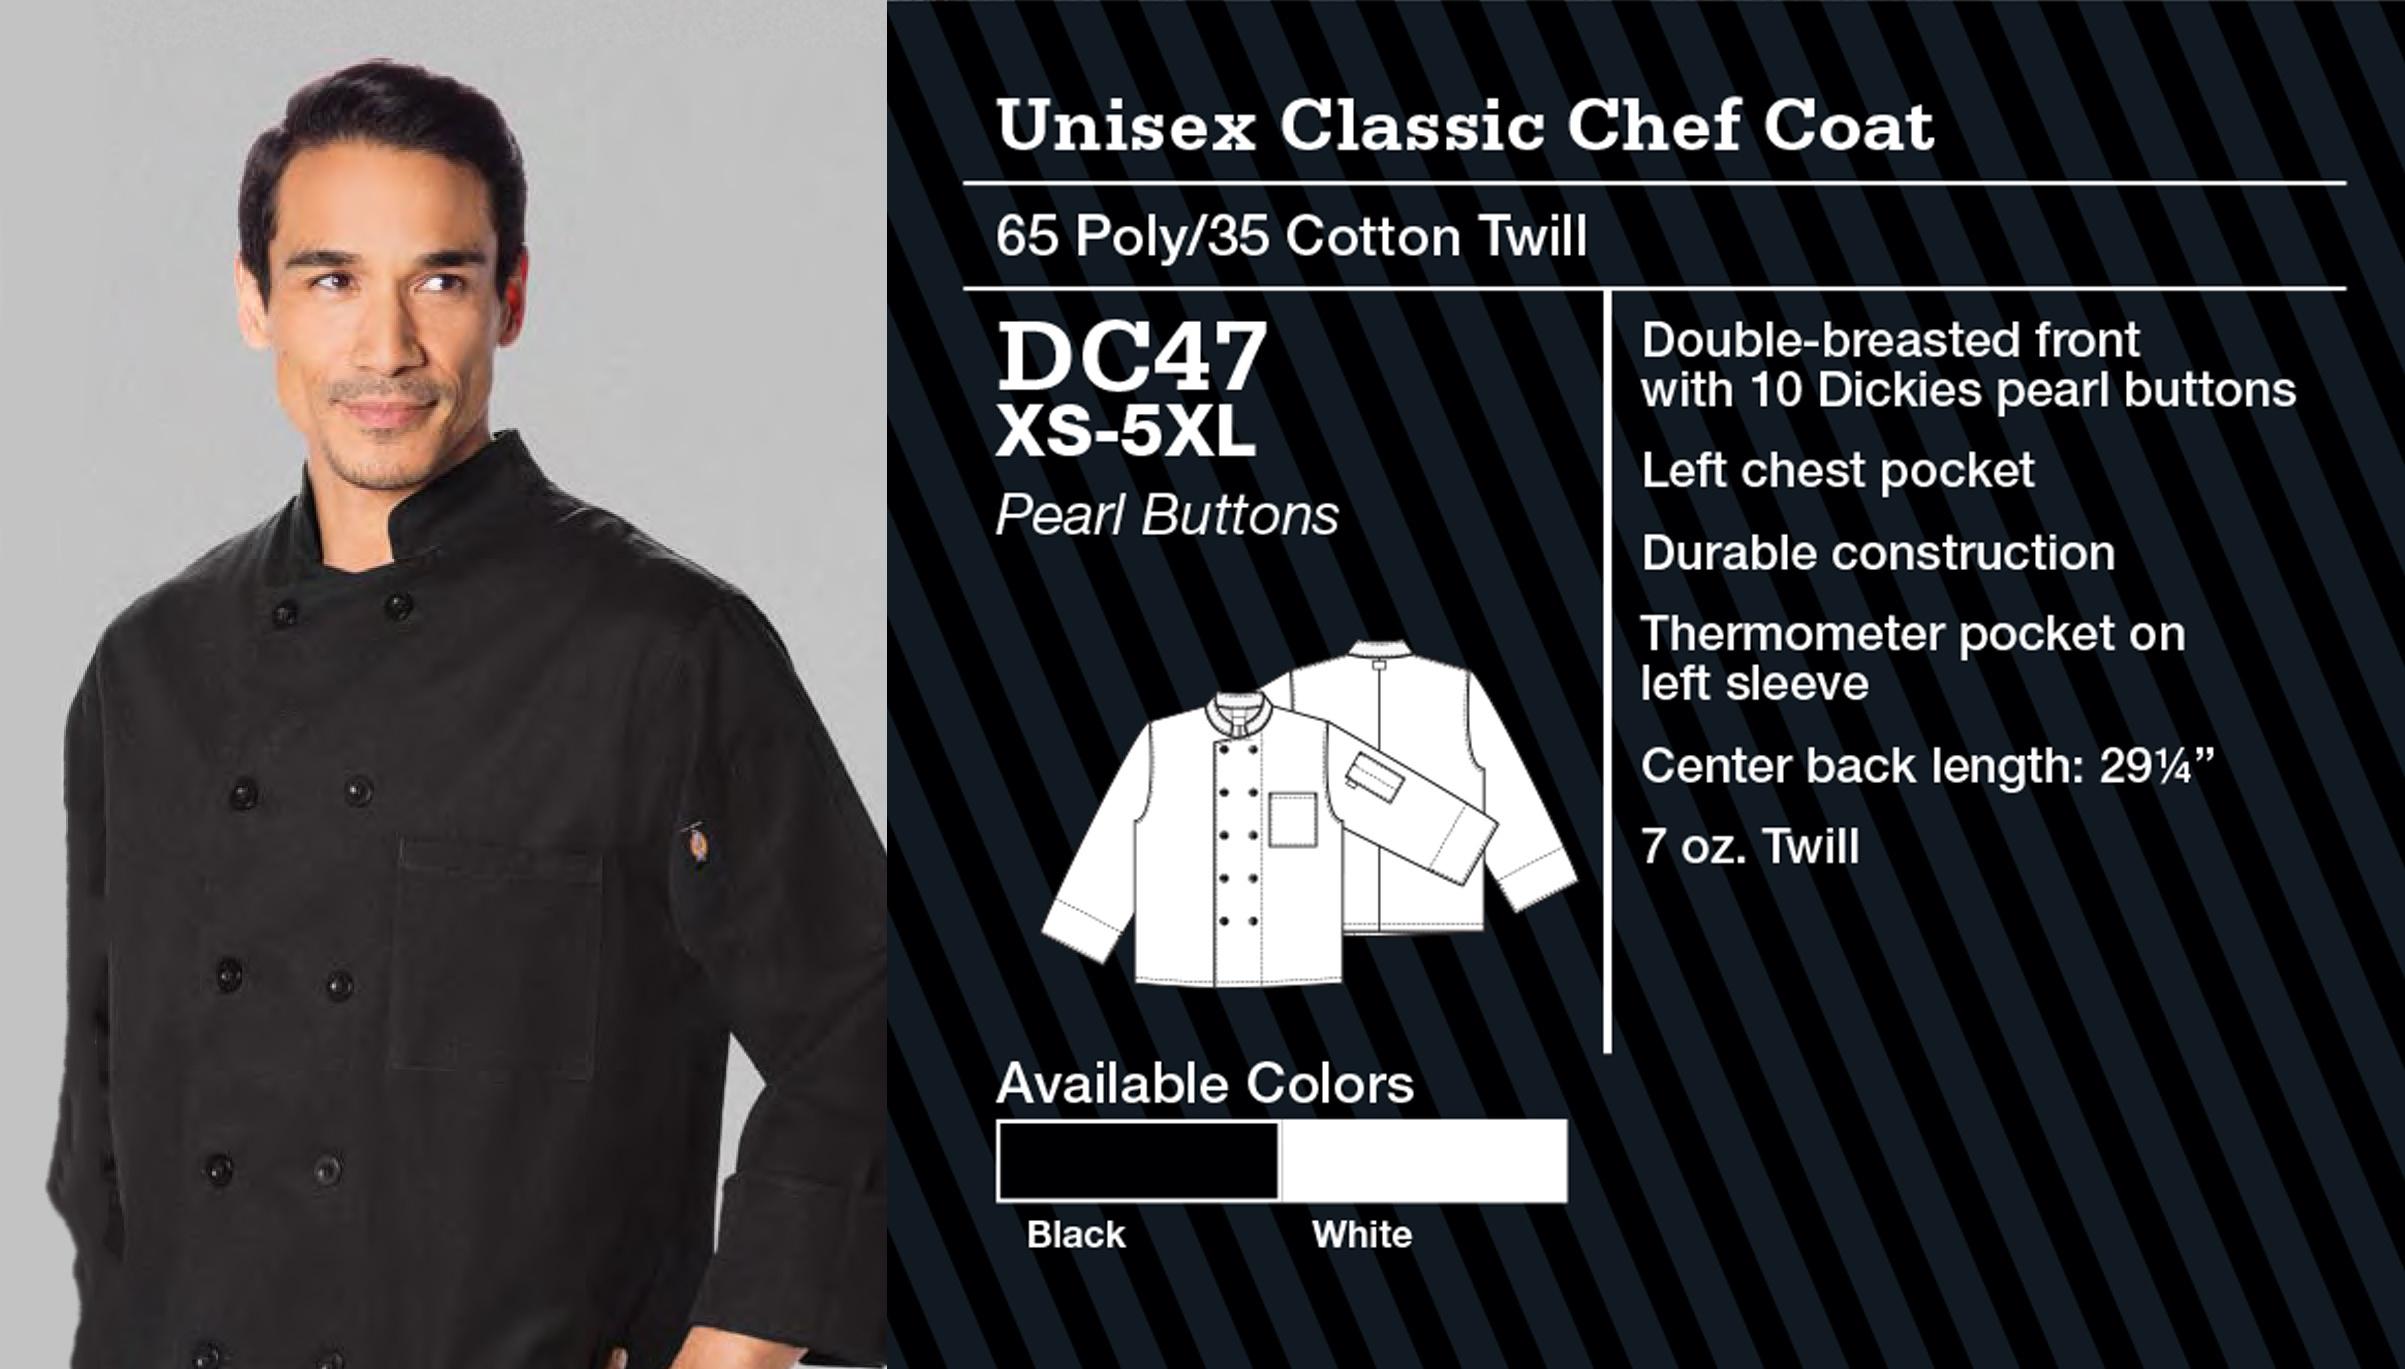 Abrigo de Chef Clásico Unisex. DC47.